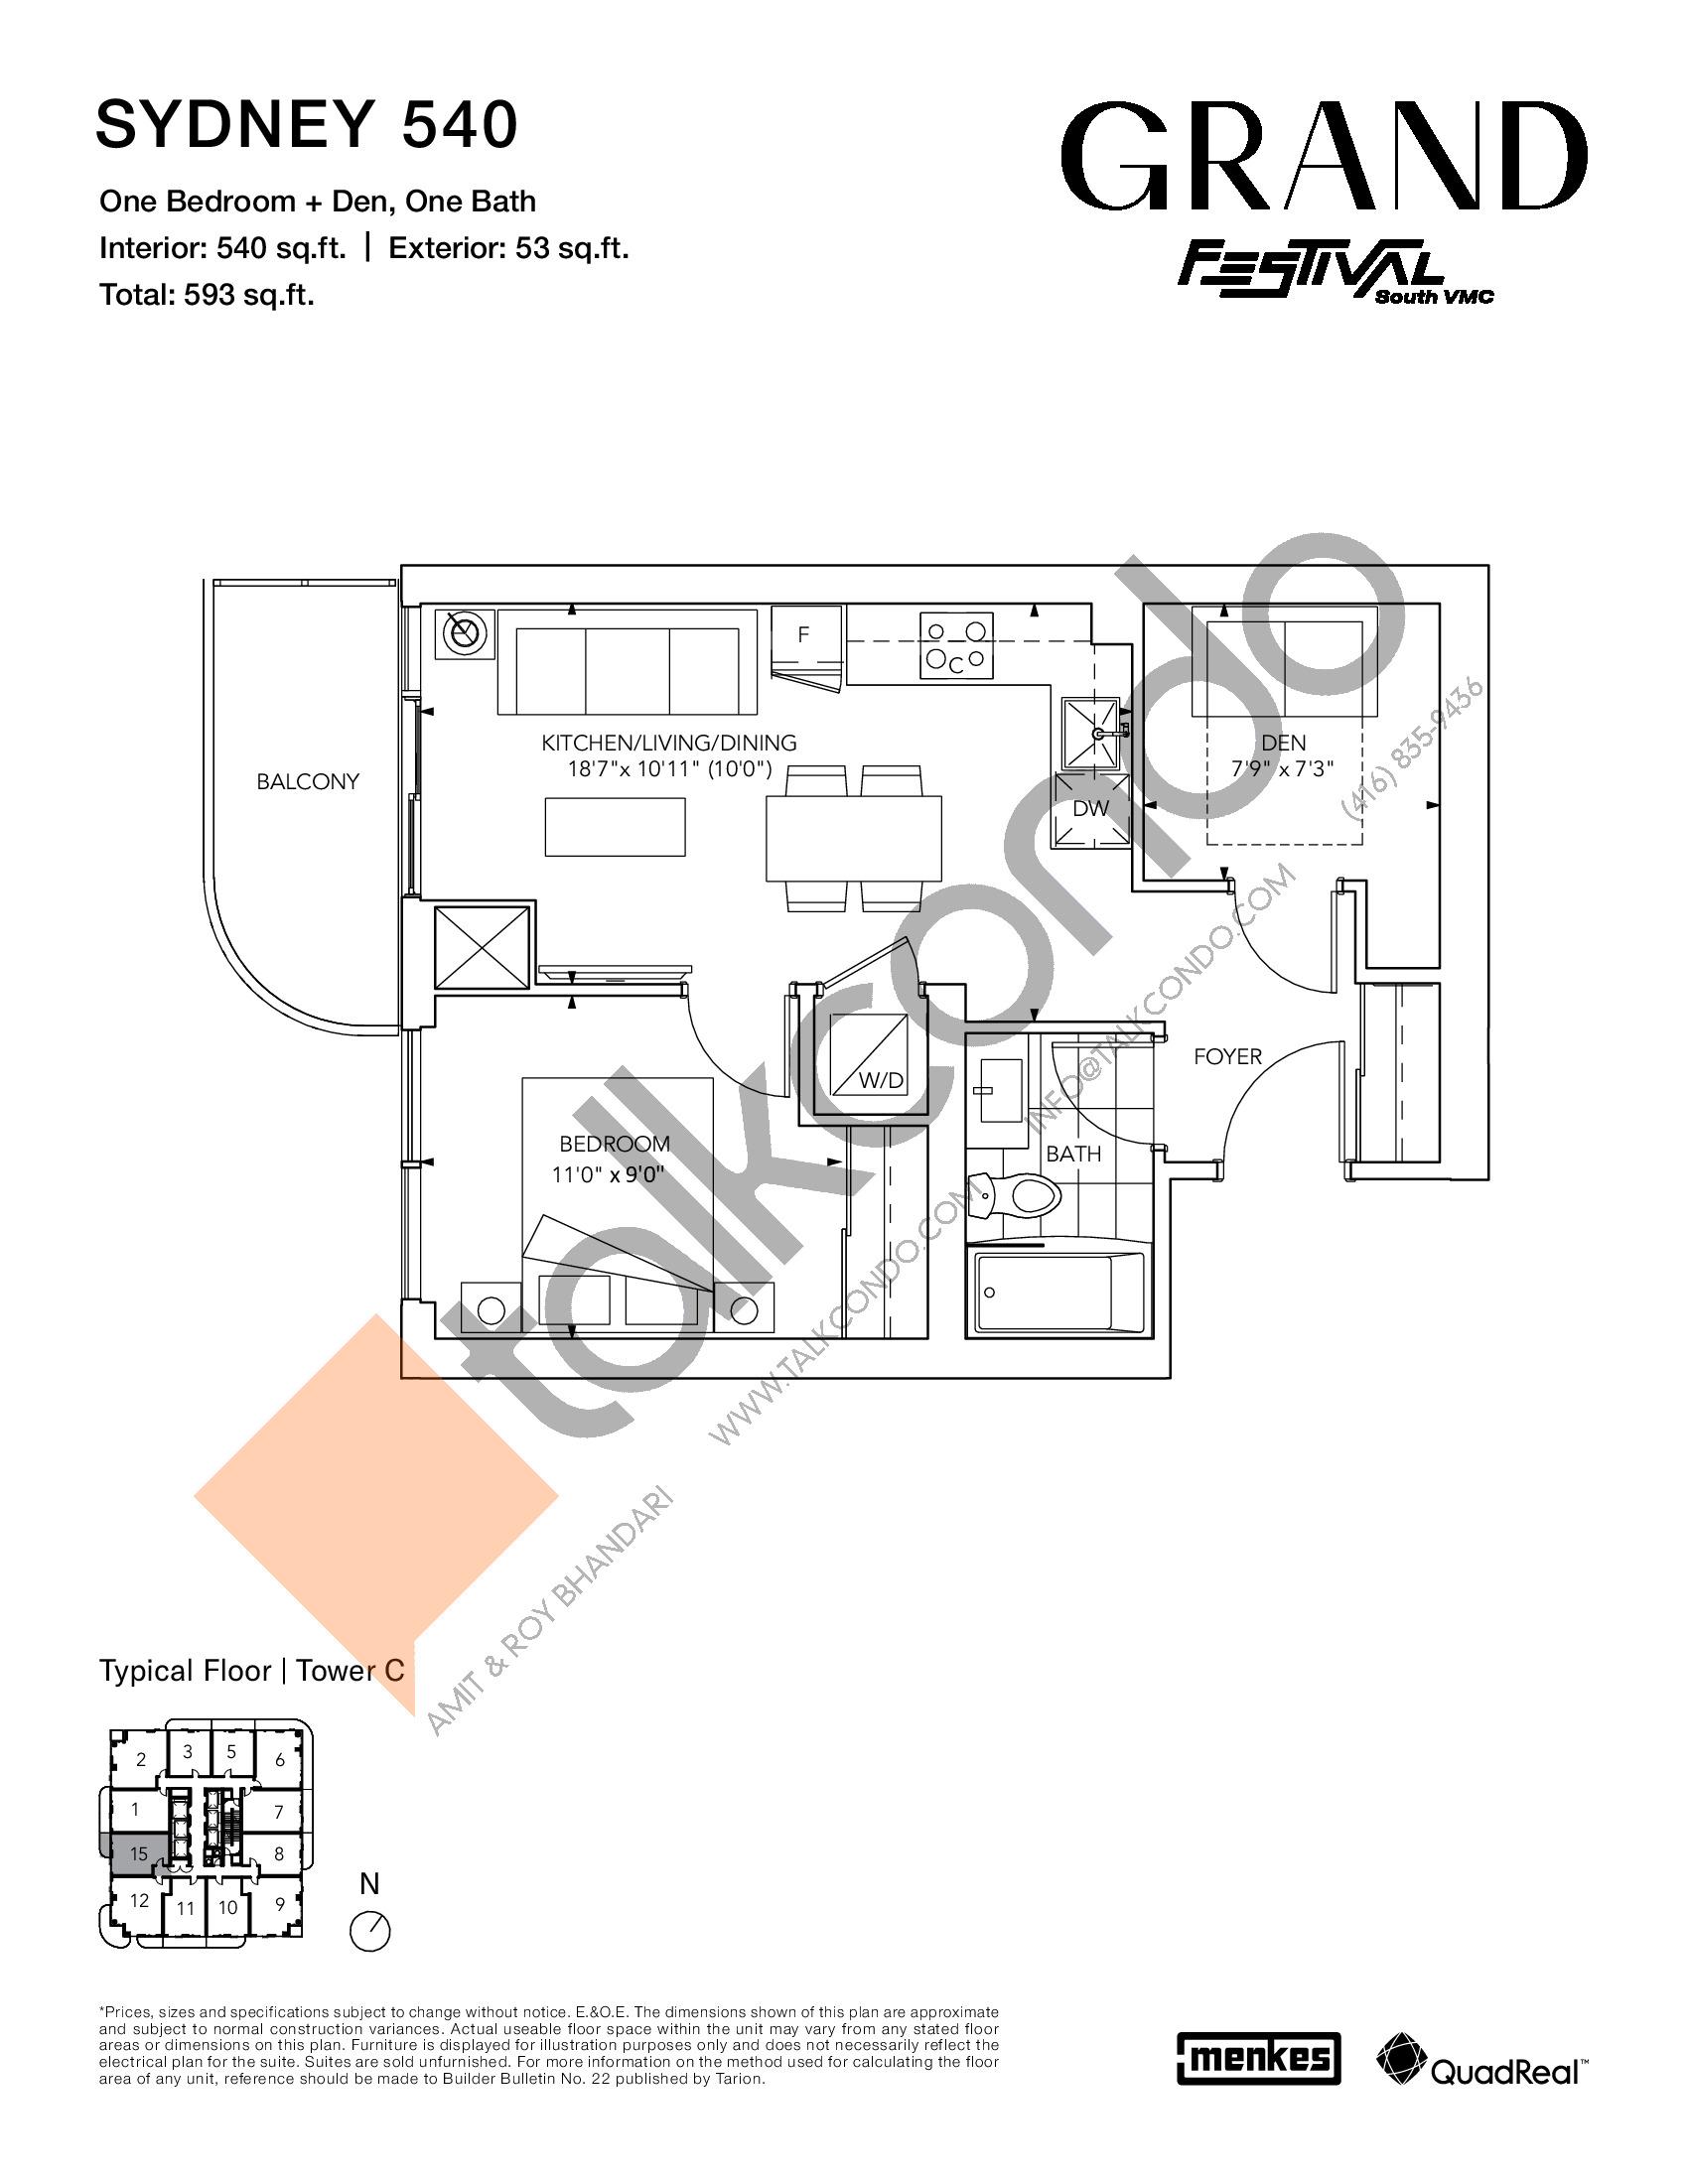 Sydney 540 Floor Plan at Grand Festival Condos - 540 sq.ft